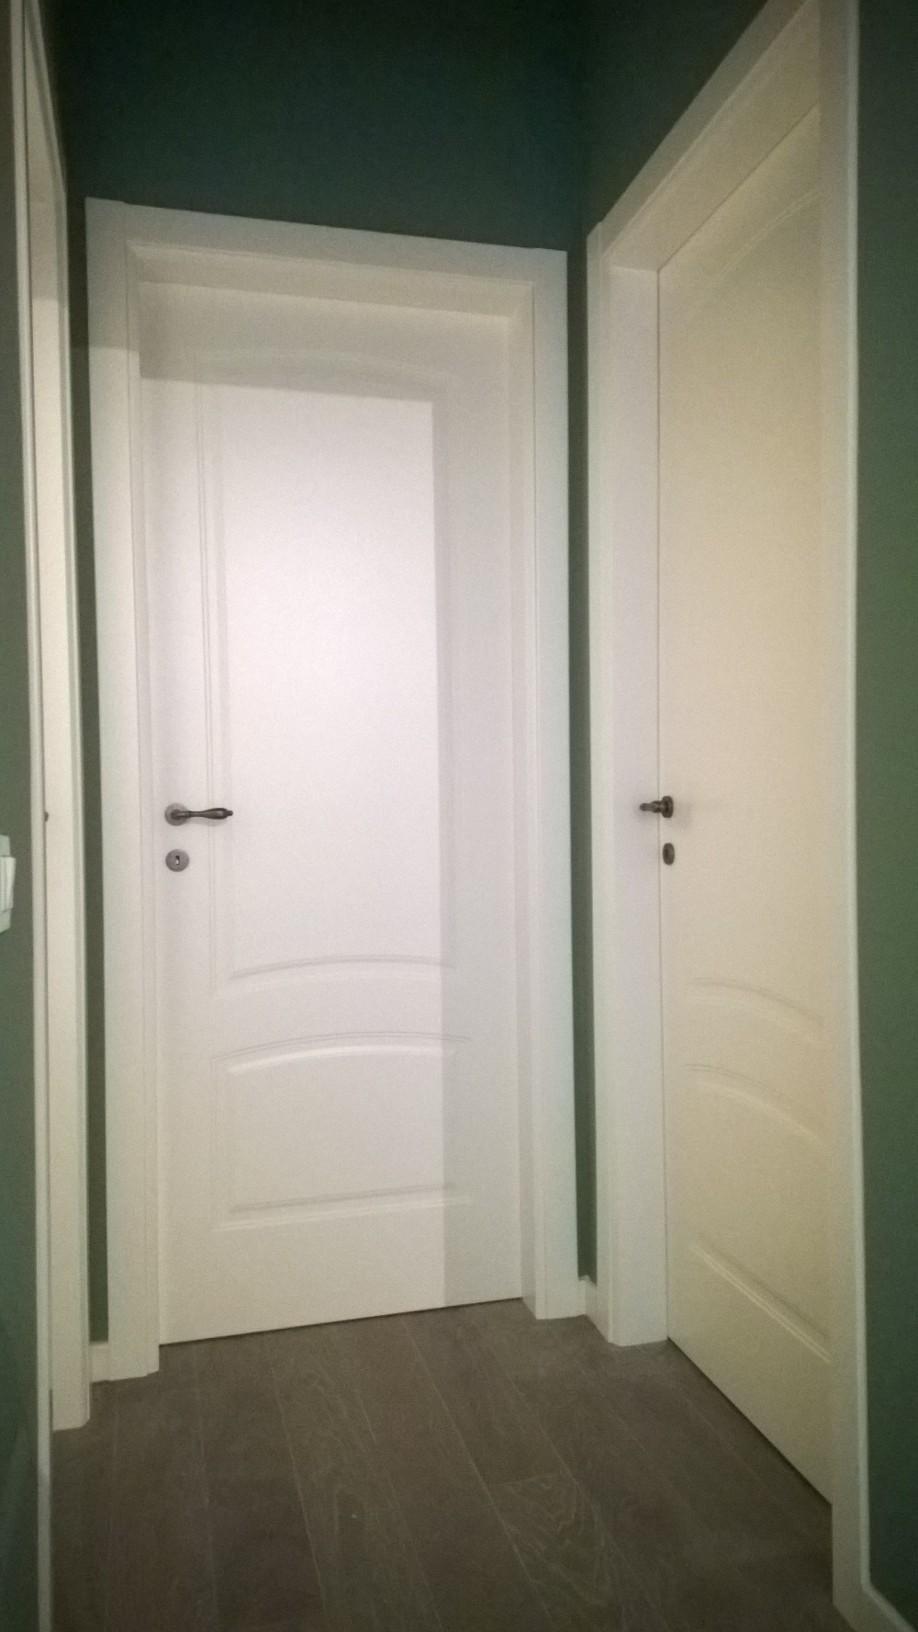 Vendita porte trieste trieste ipr serramenti porte e finestre - Porte interne bianche ...